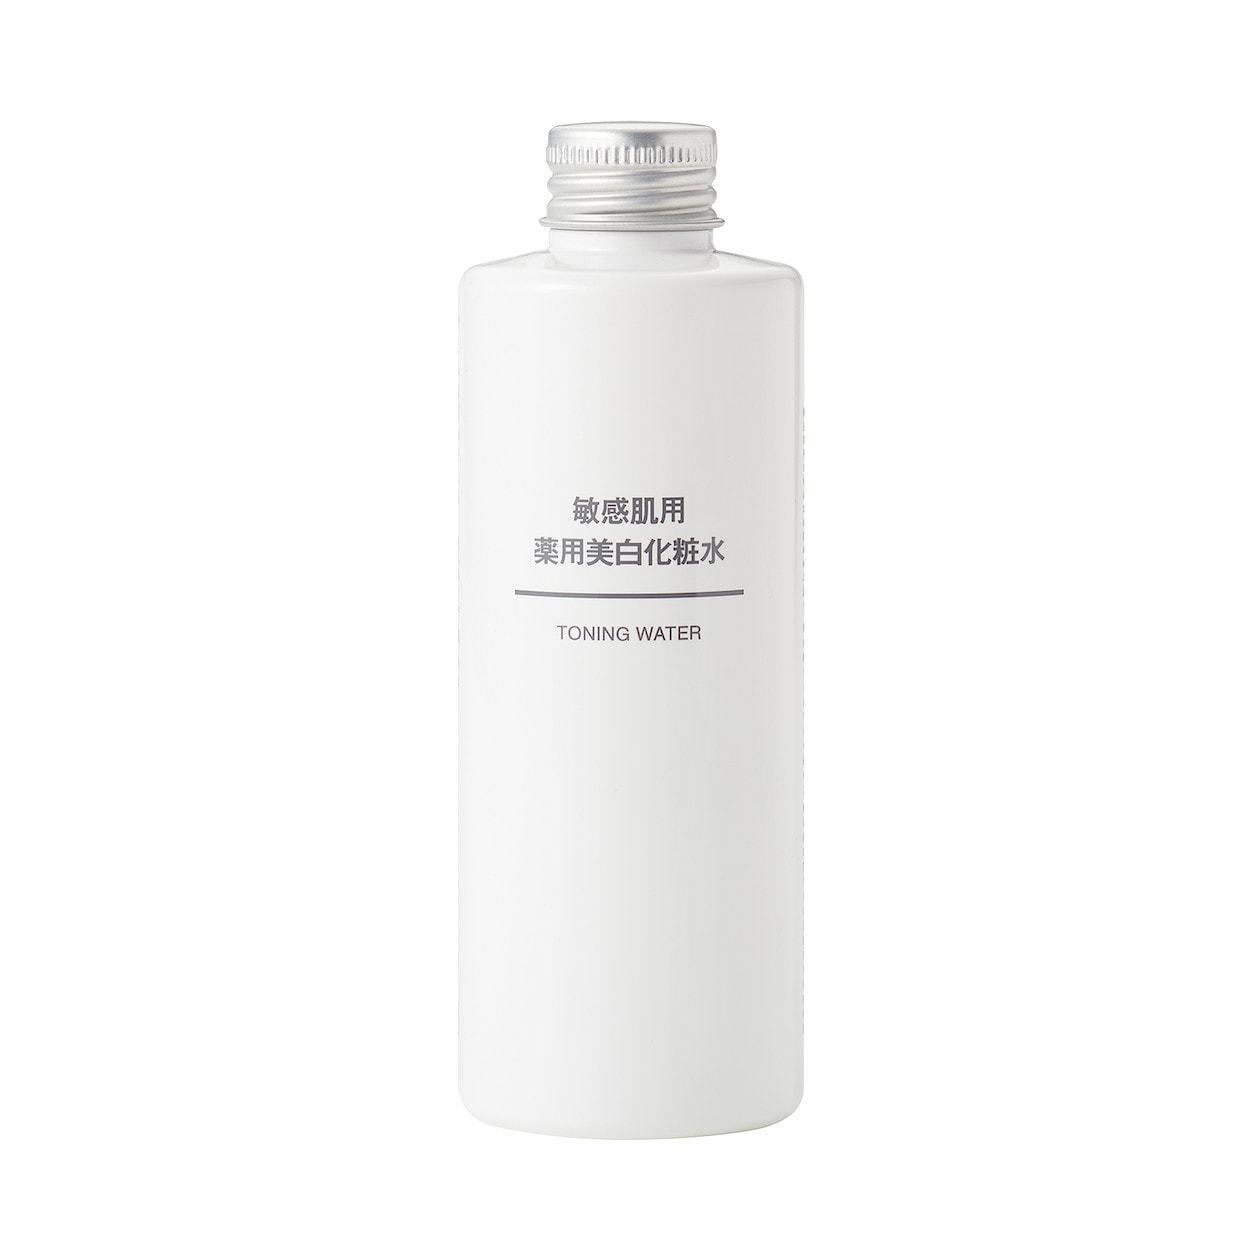 無印良品の「敏感肌用薬用美白化粧水」